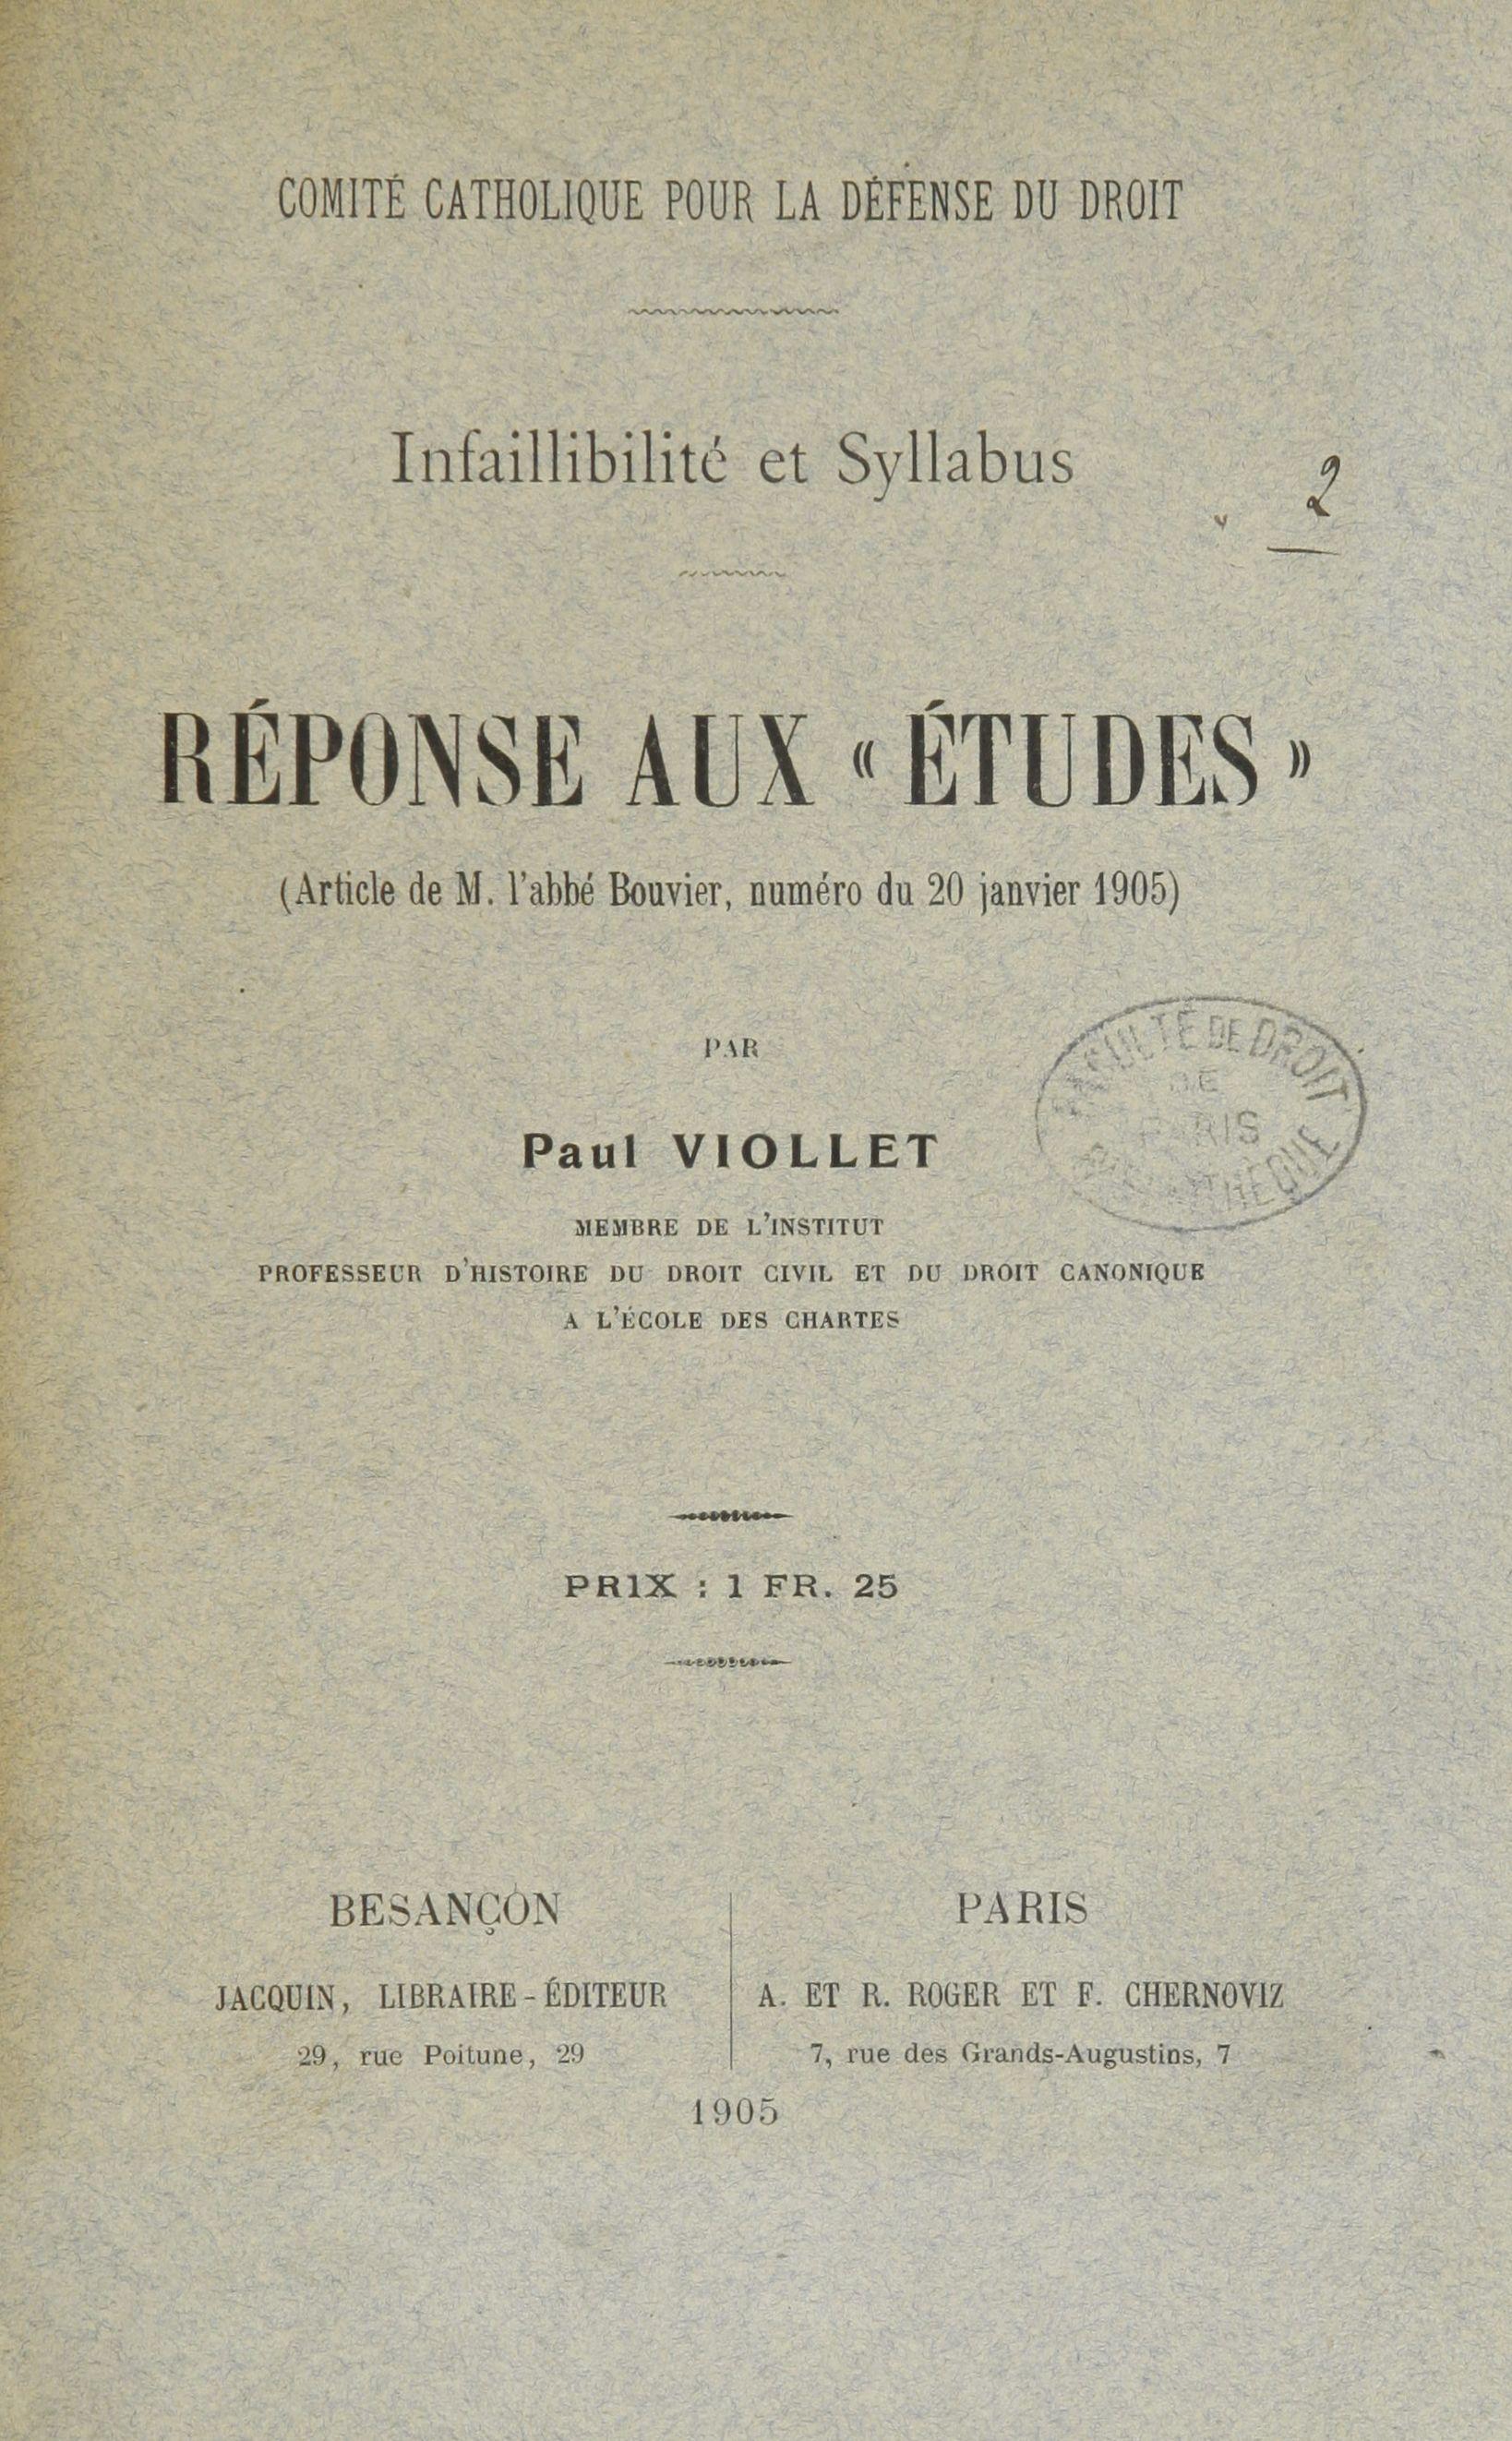 Réponse de Paul Viollet à la critique de l'Abbé Bouvier